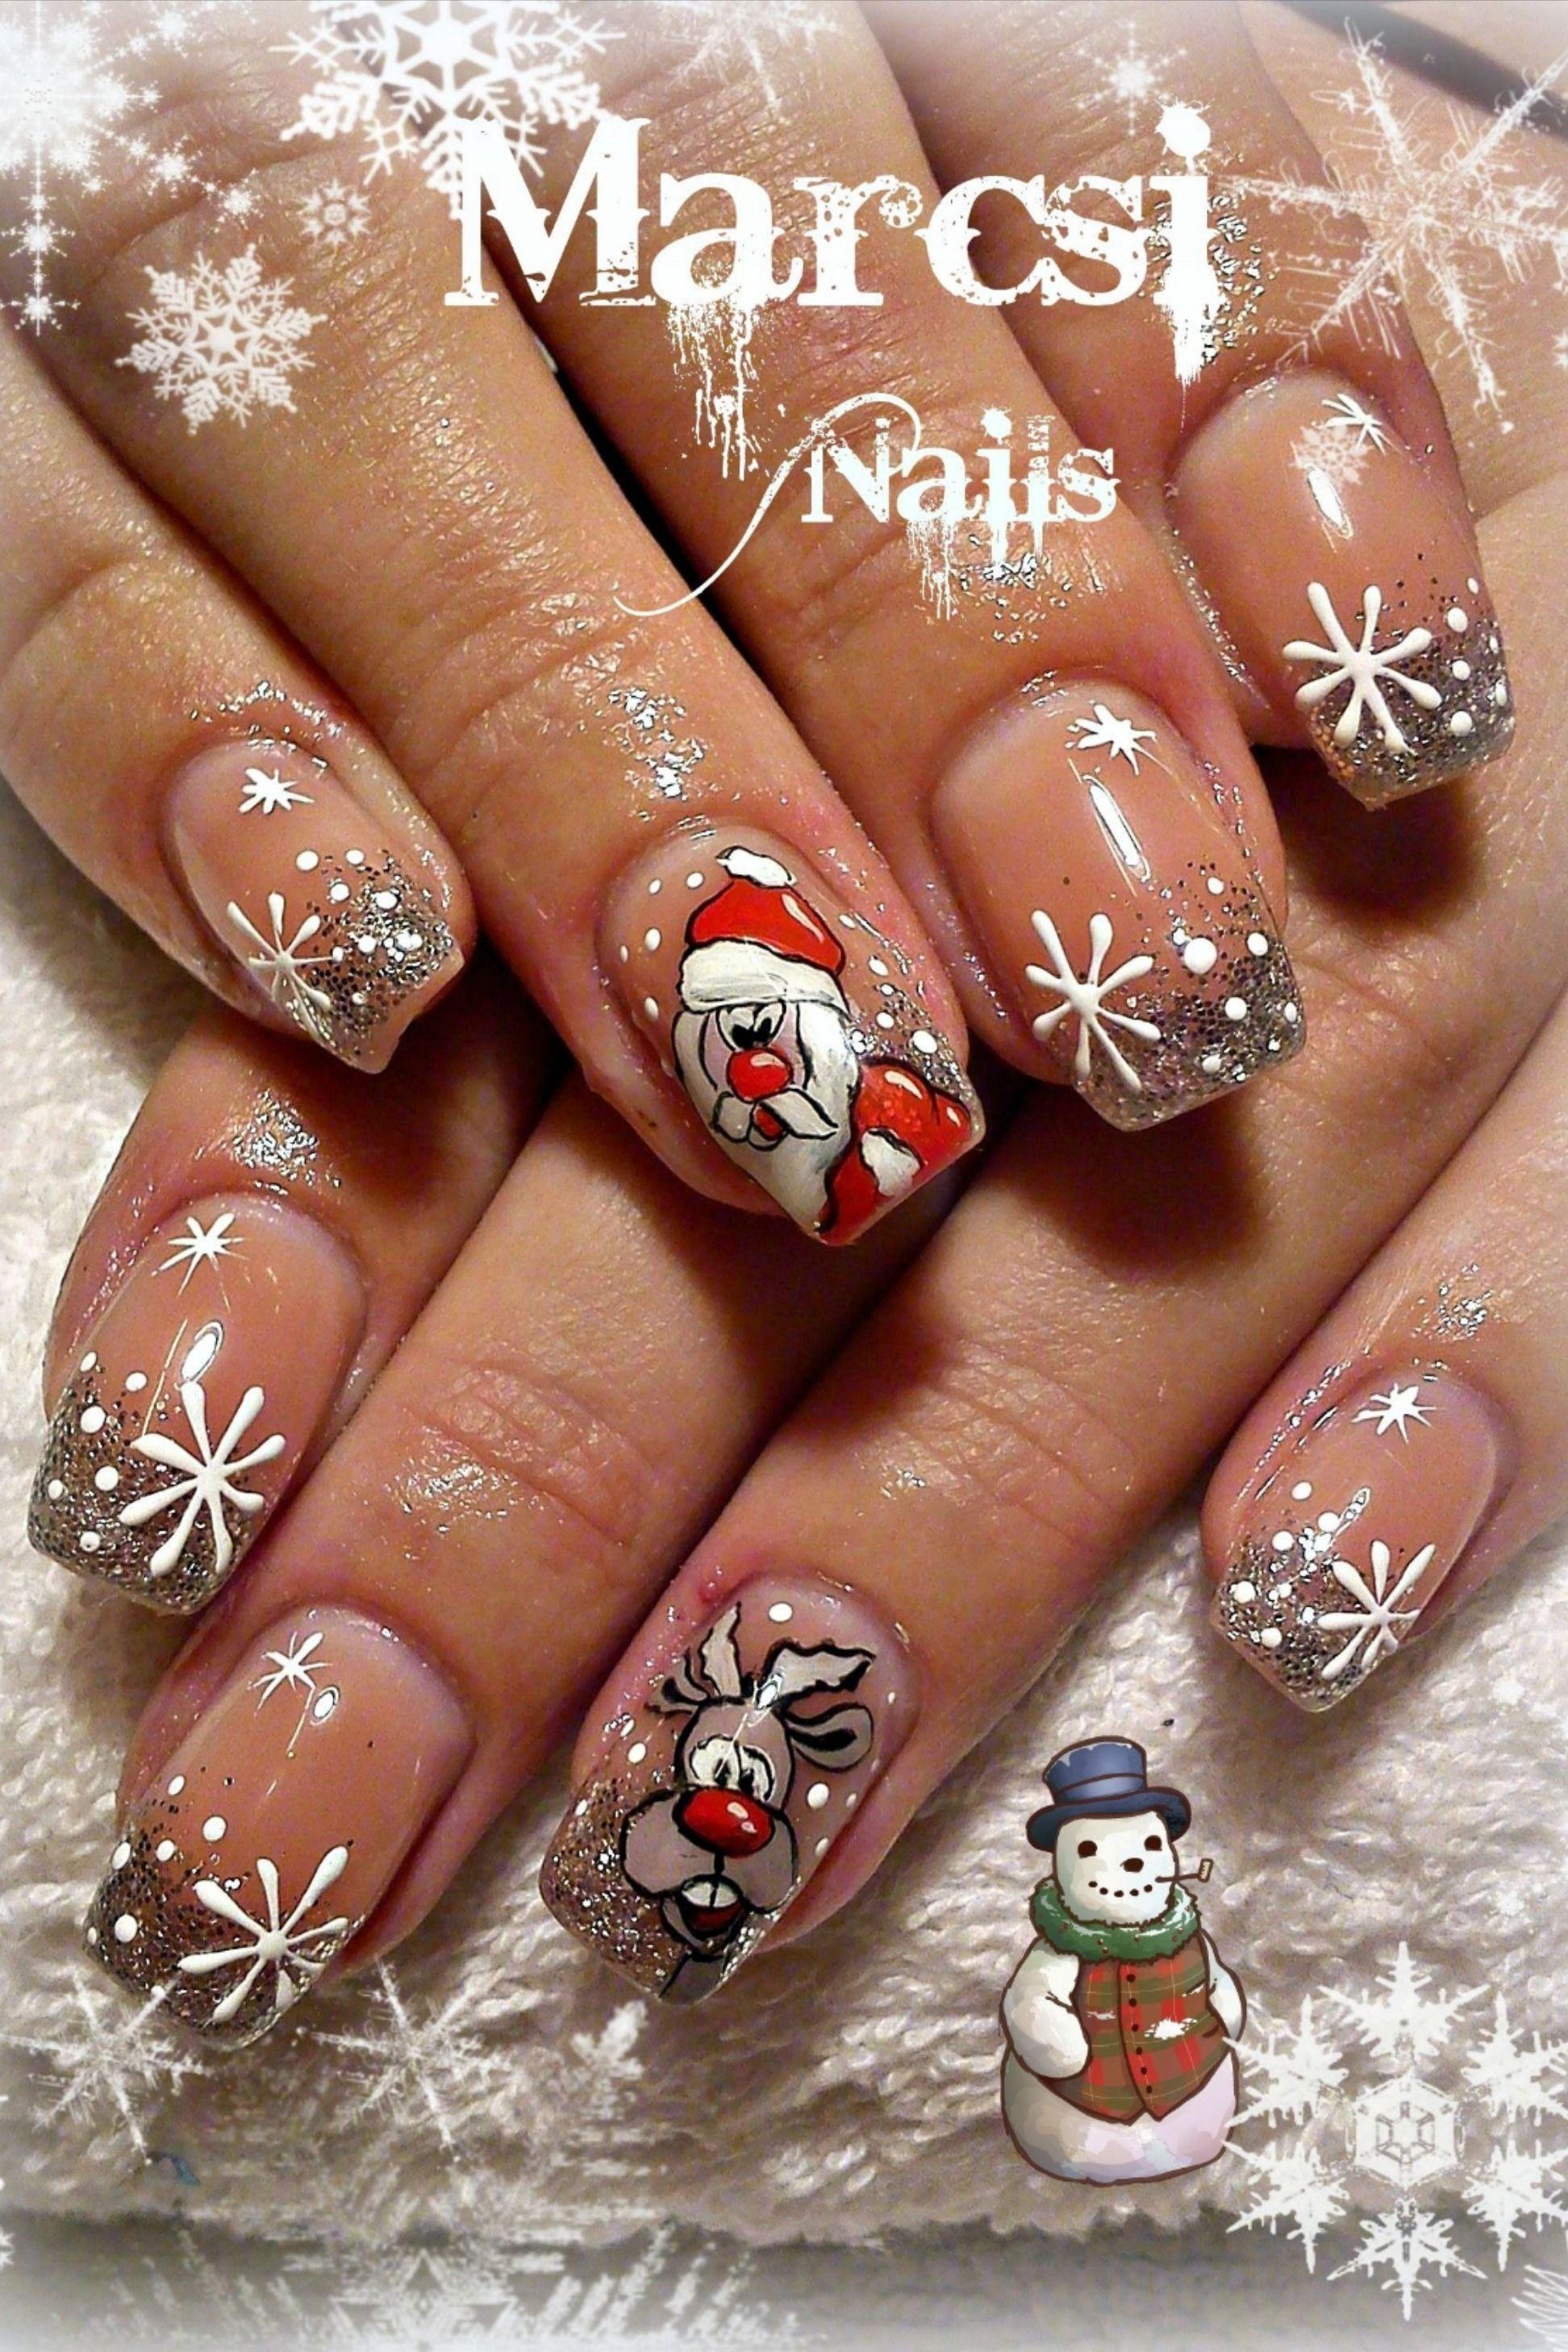 Nail Art Here Comes Santa Daily Nails Xmas Nail Art Christmas Nail Designs Cute Christmas Nails